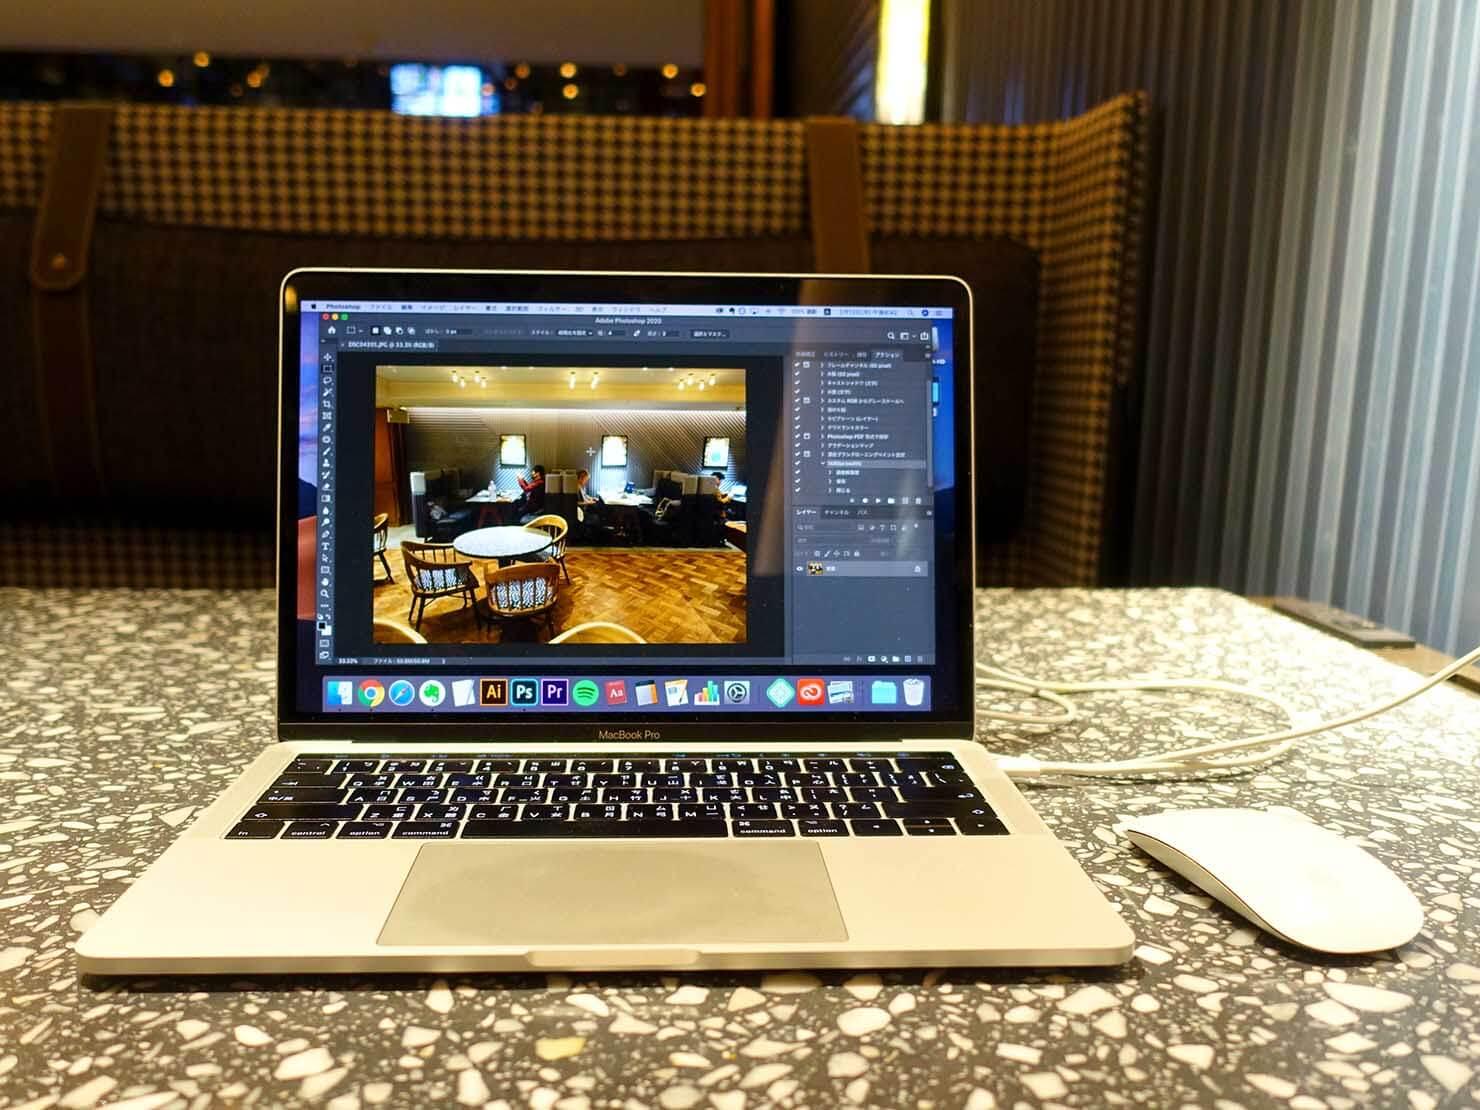 福岡・中洲川端にあるおしゃれなおすすめホテル「THE LIVELY」のコワーキングスペース・LIVERALLYでパソコン作業